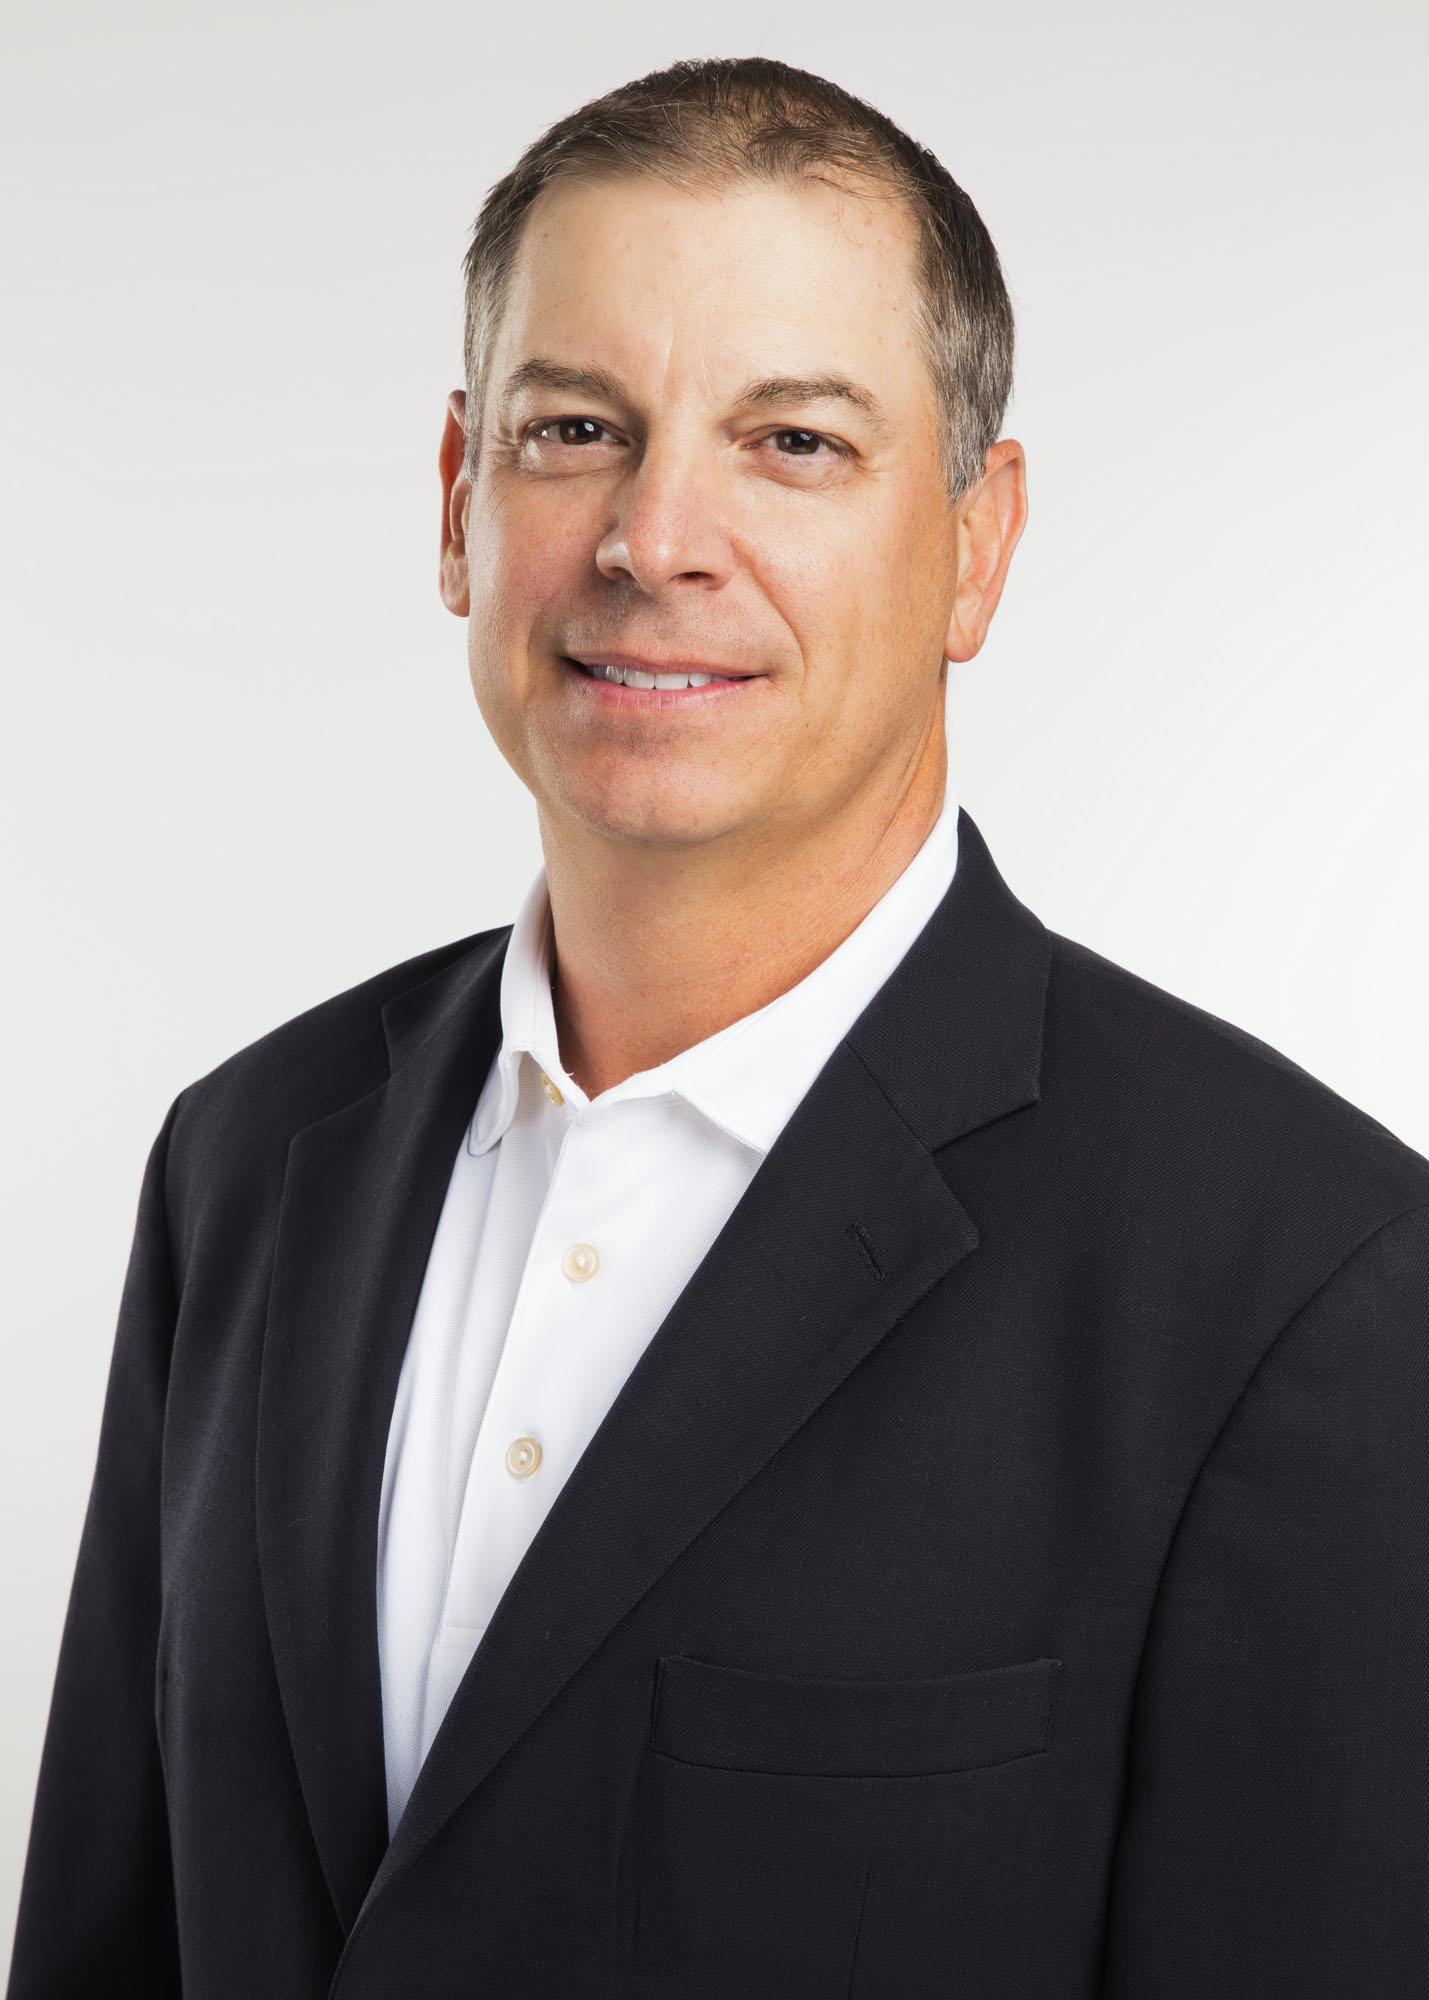 Callaway CFO Calls His Job 'Best in the World'